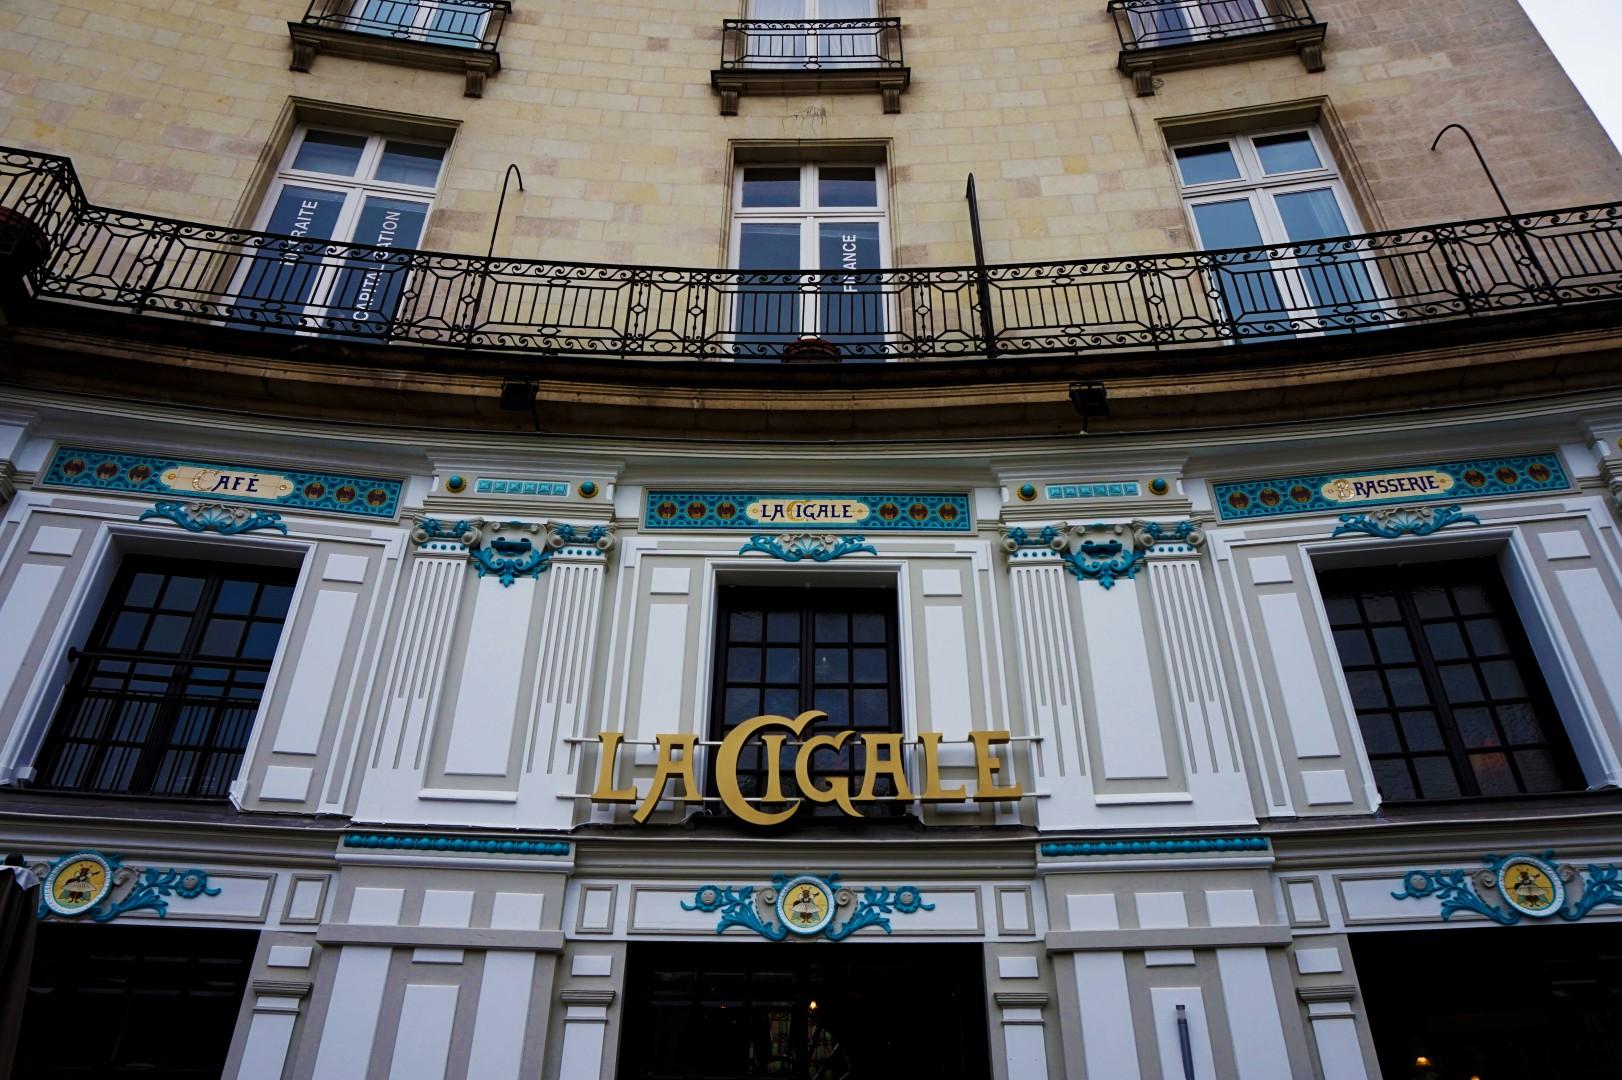 Un weekend à Nantes - La Cigale